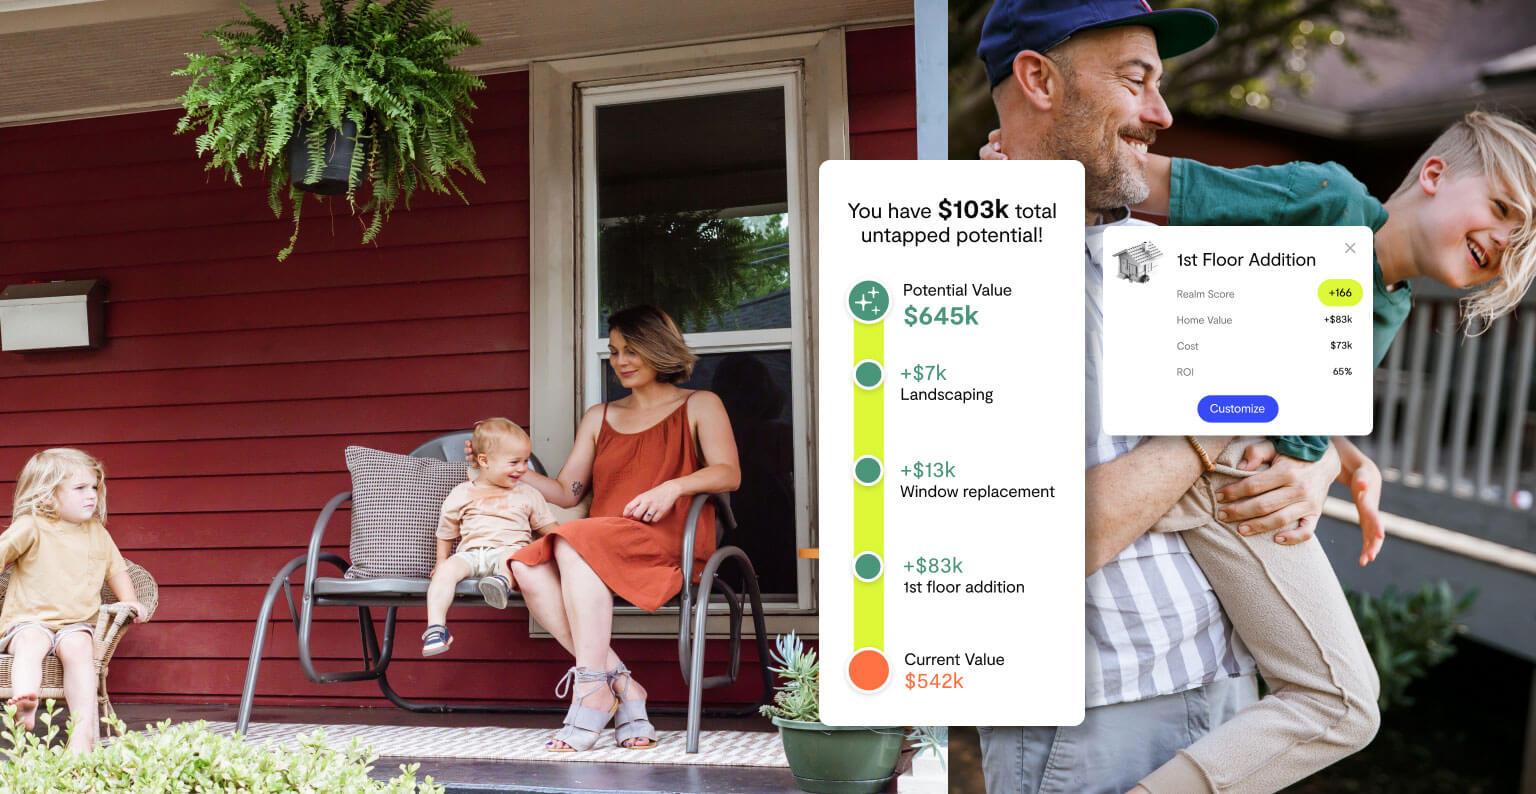 Realm Home Value